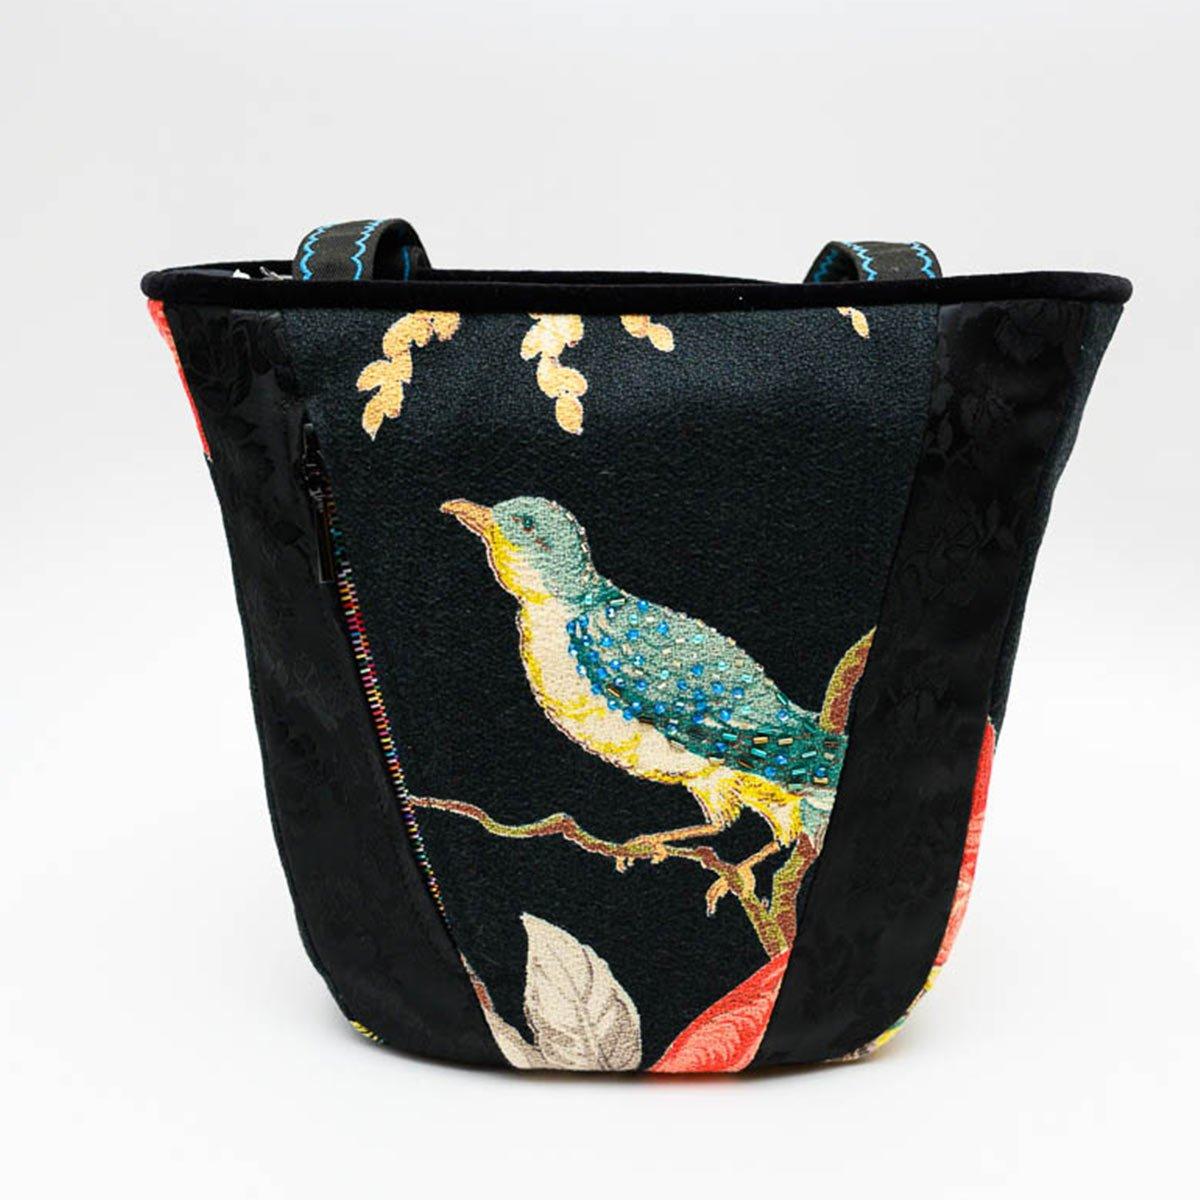 tiki_bag_bird_motif_on_black-MLP_6234